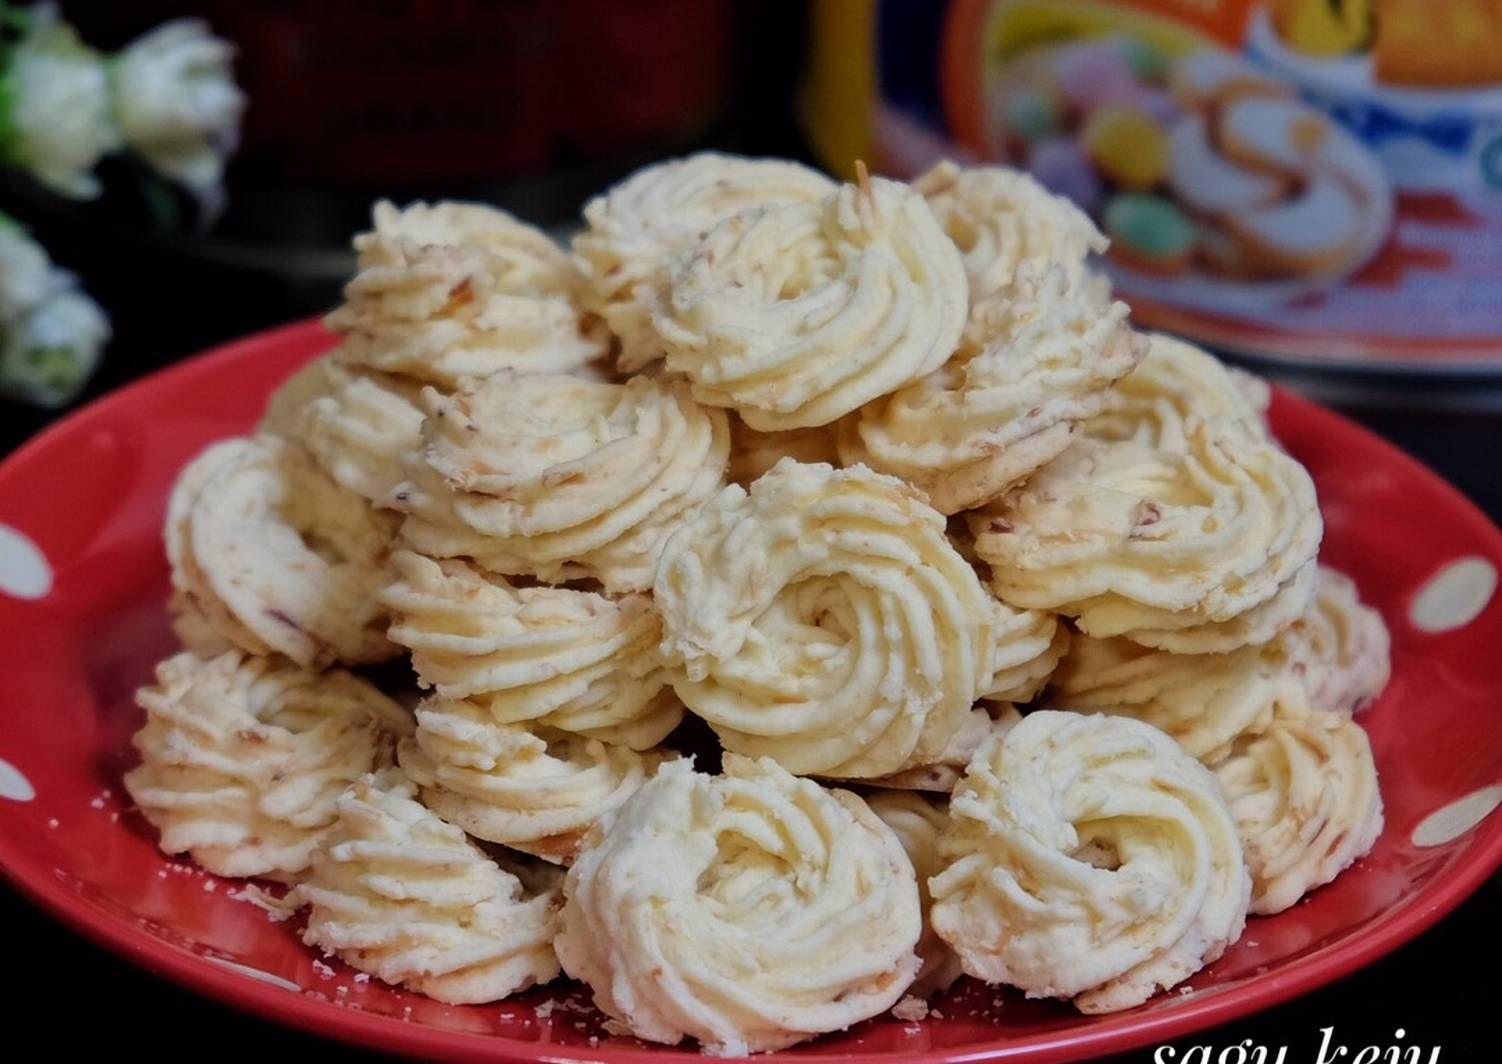 Resep Sagu Keju Premium Dengan Tips Oleh Susi Agung Resep Resep Keju Resep Masakan